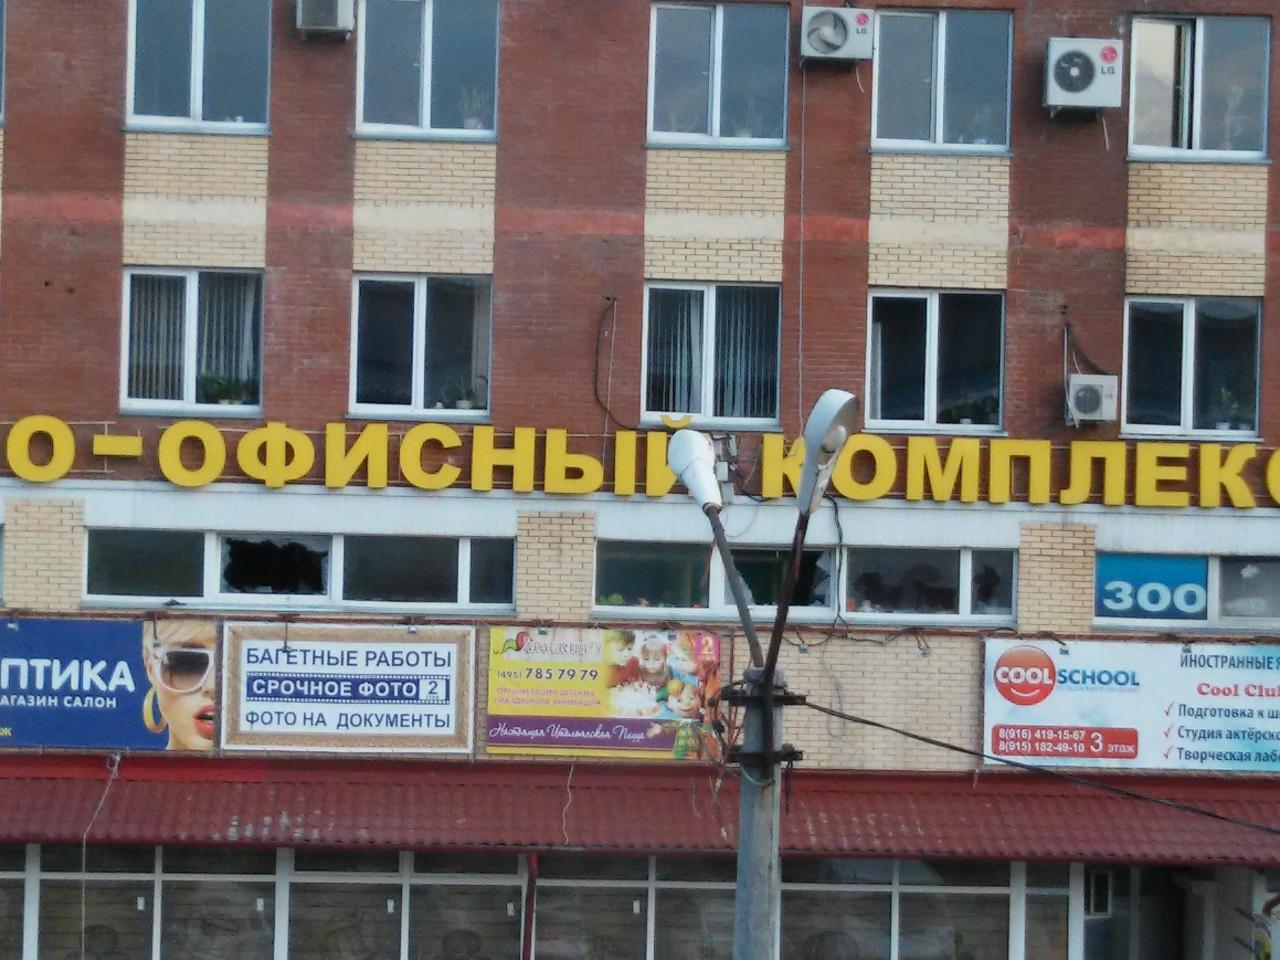 Работа в дубках внииссок свежие вакансии частные объявления о сдаче квартир в снкт-петербурге